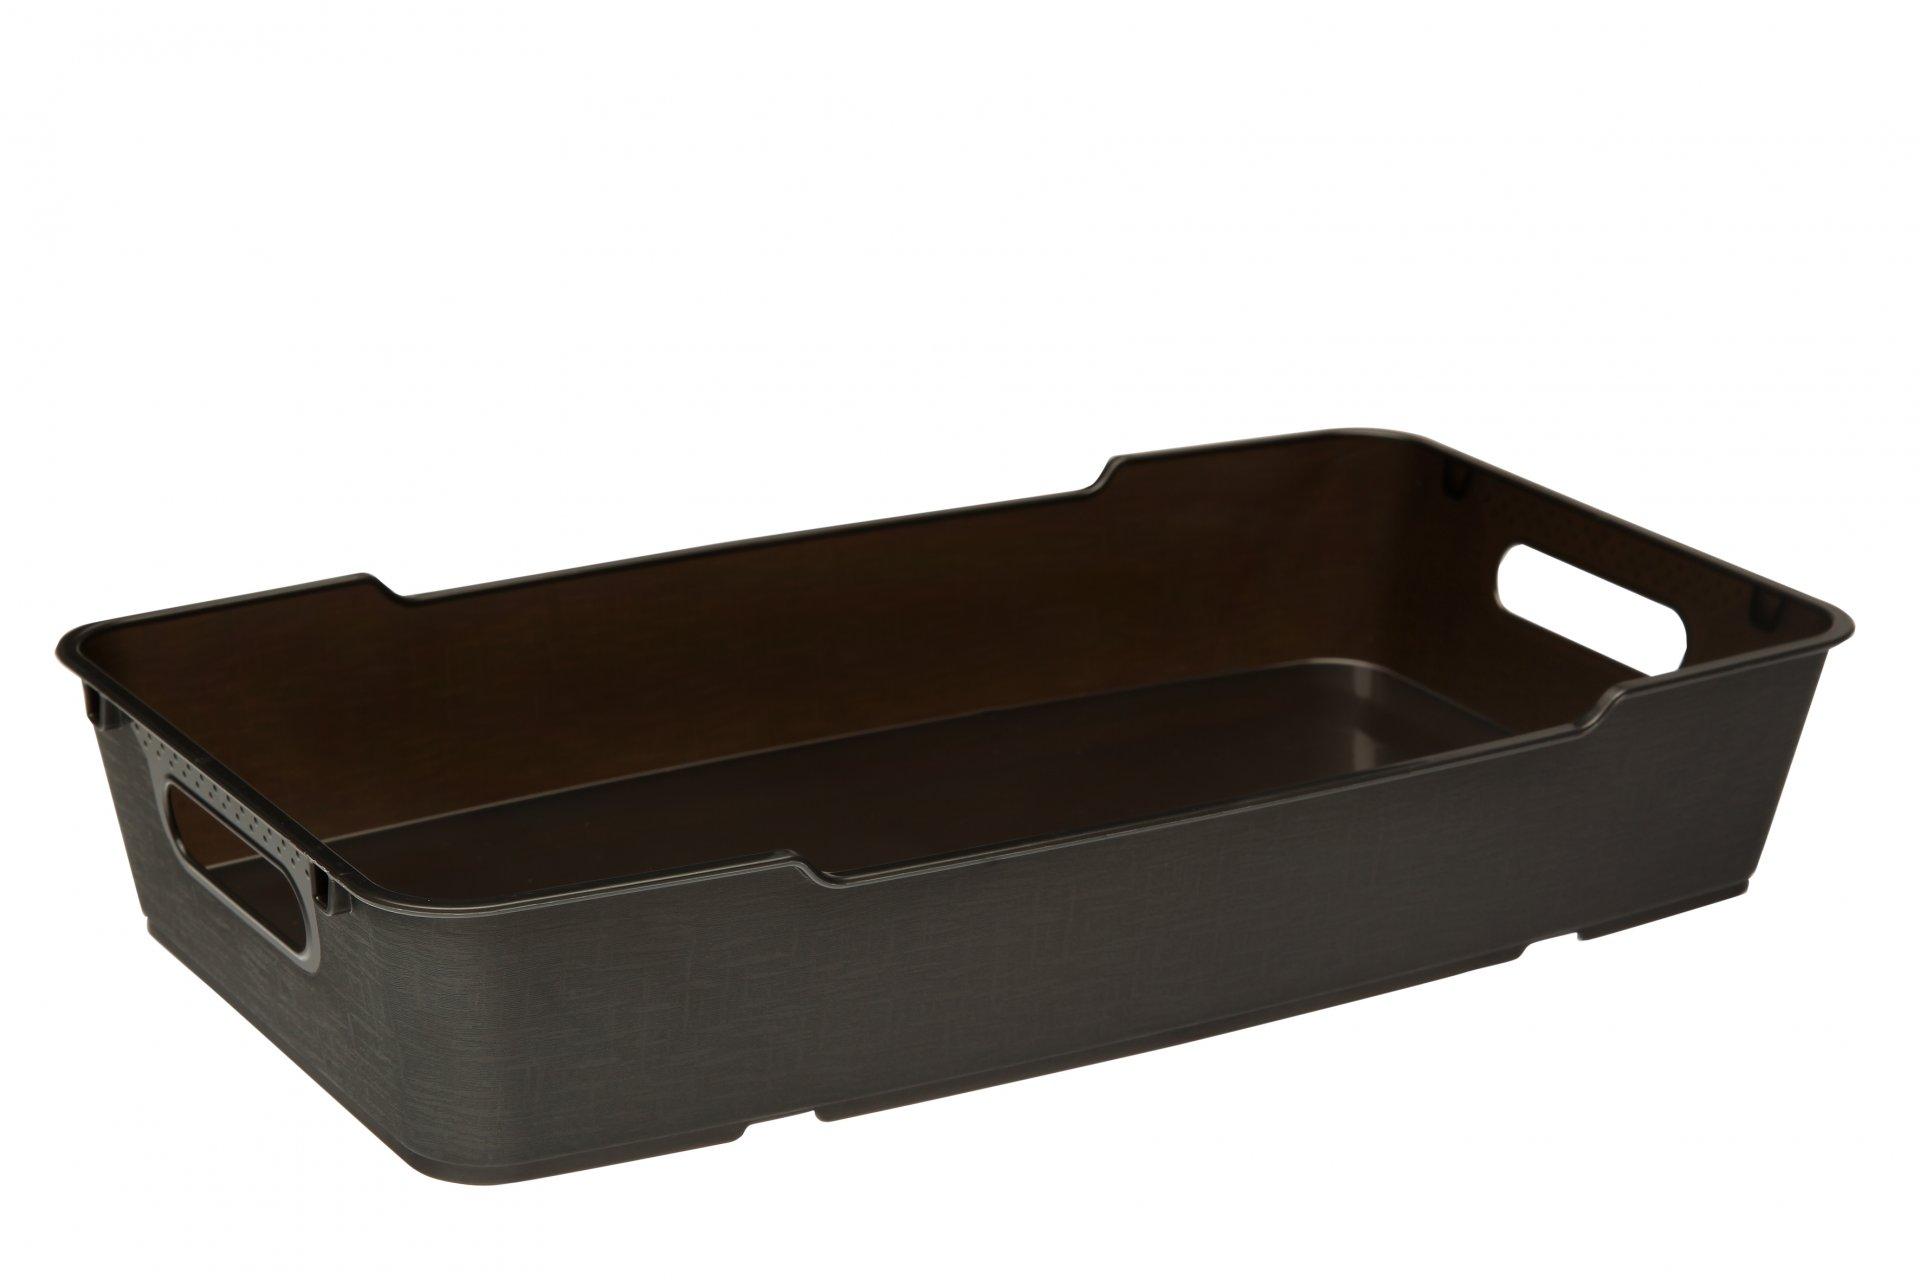 Keeeper Stylový box lotta, tmavě šedý 5,5L 40x22x7cm